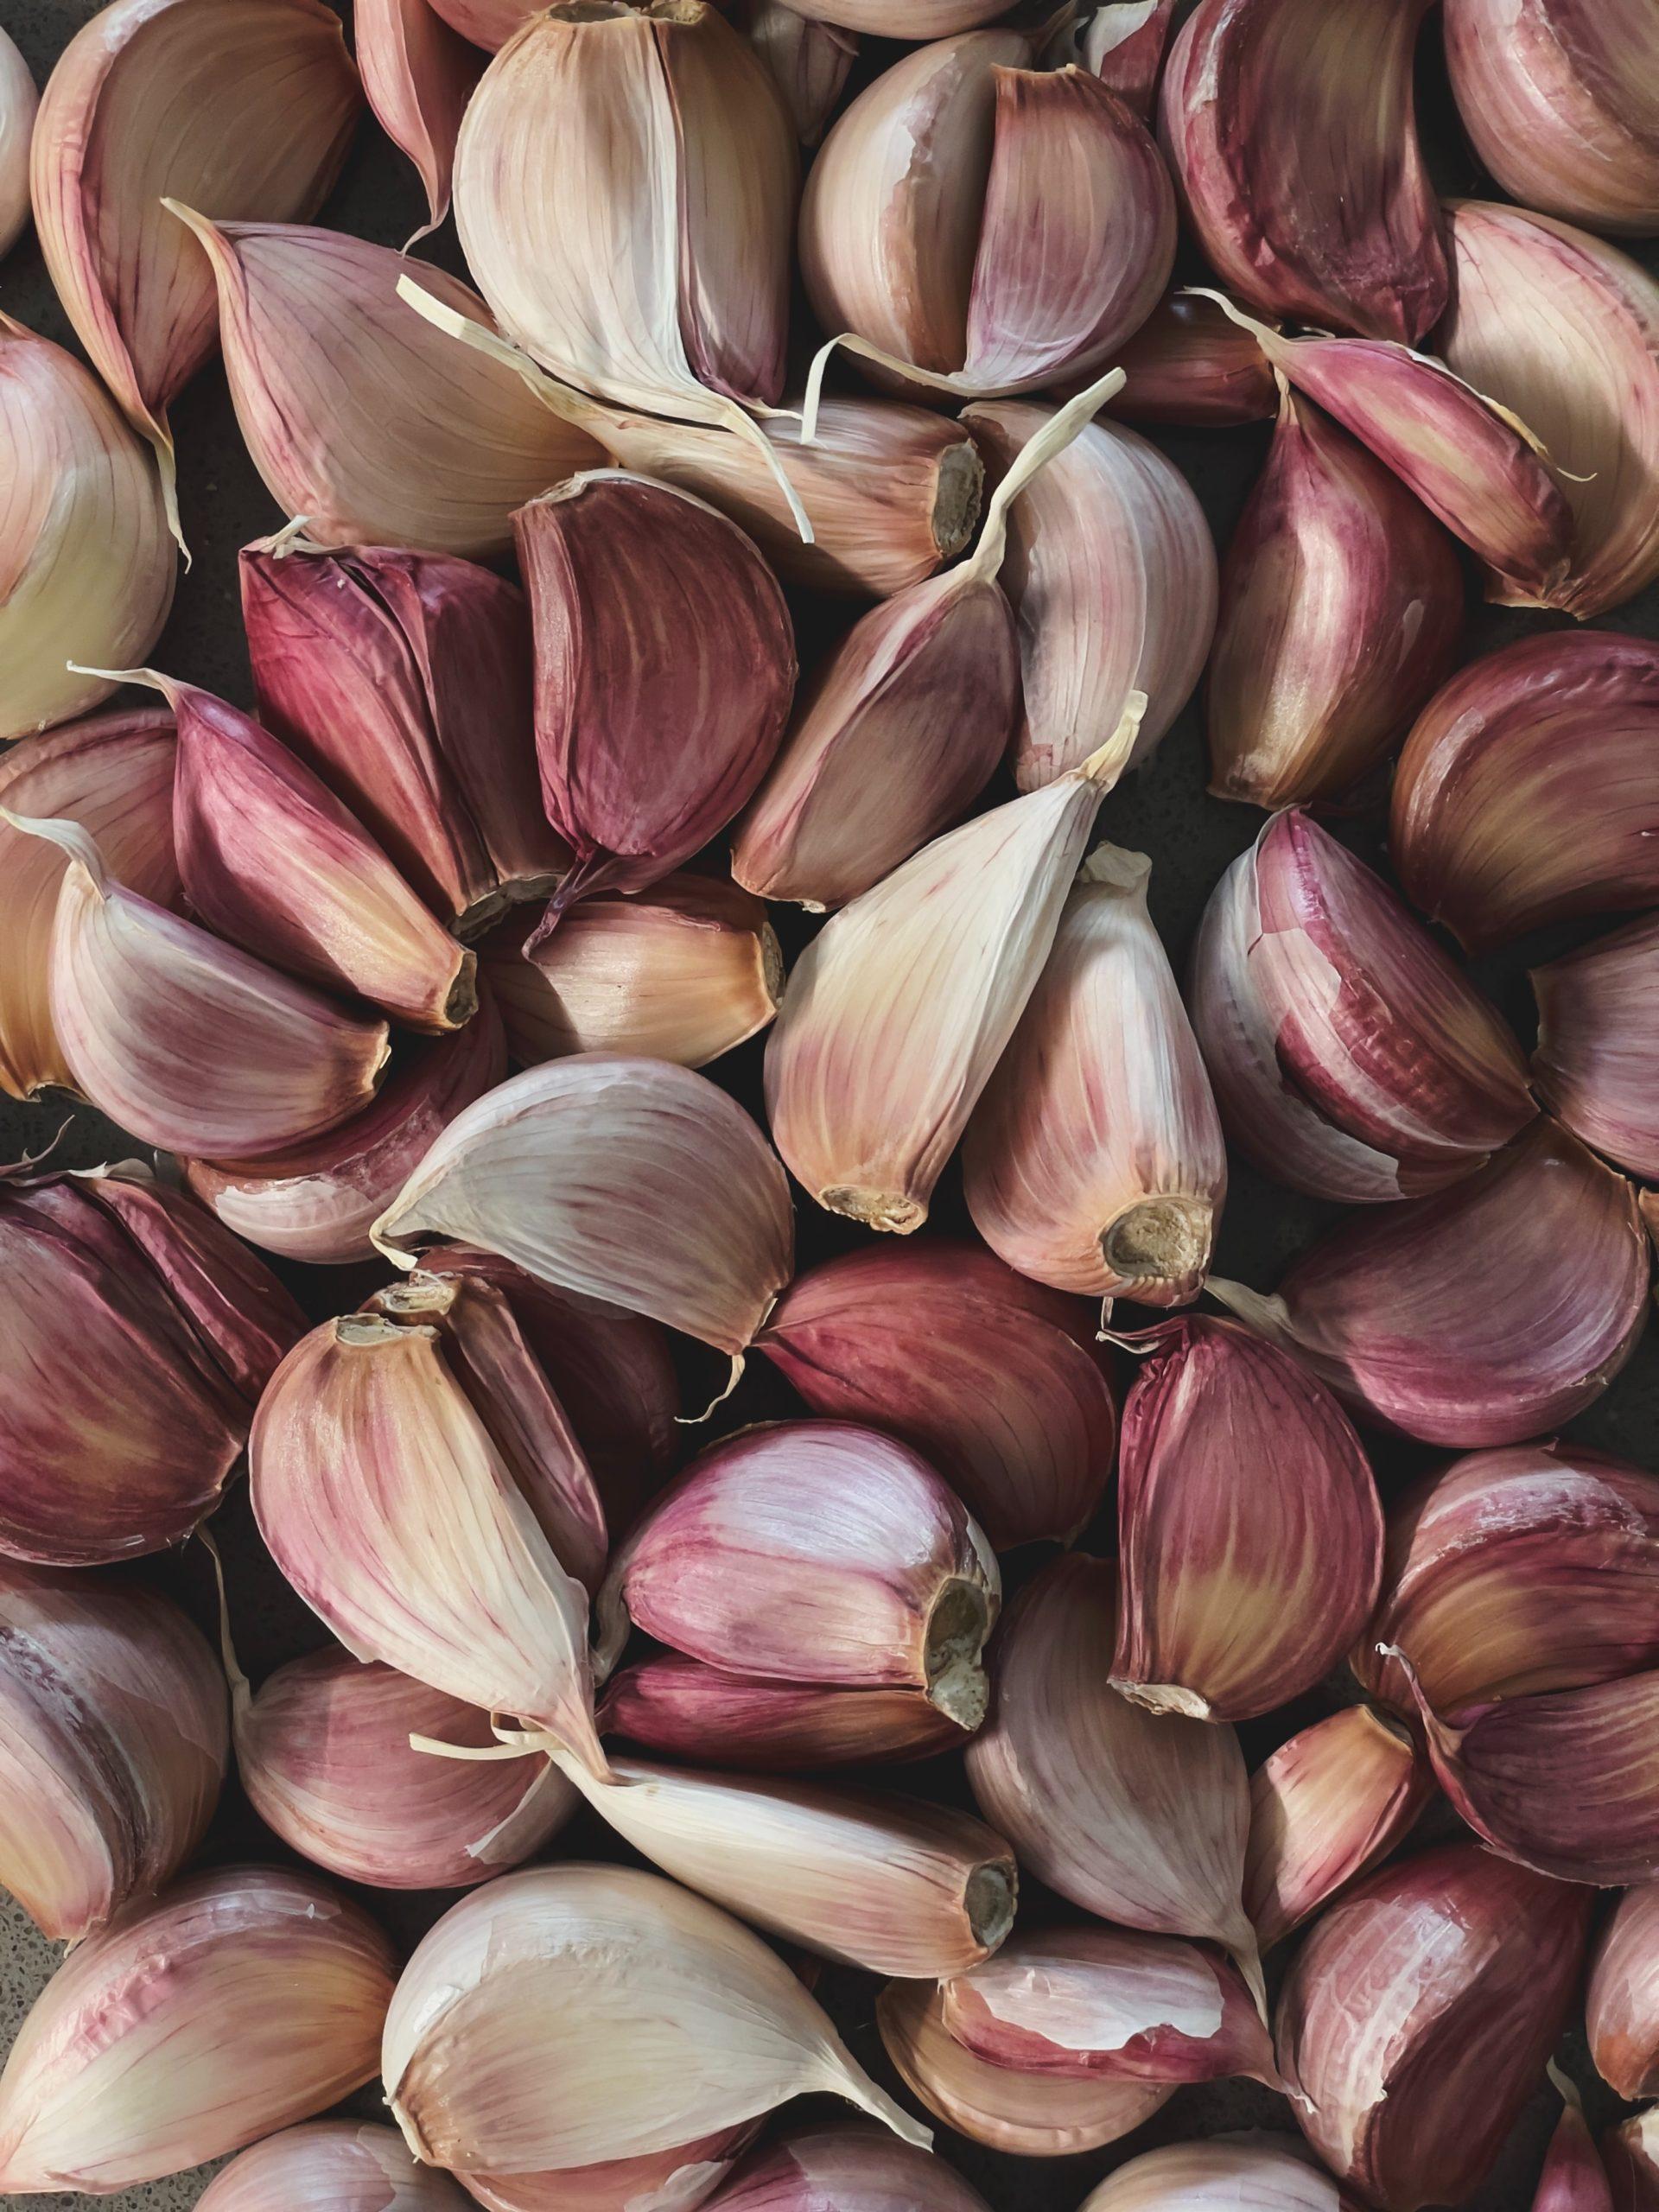 Fun Food Facts Garlic